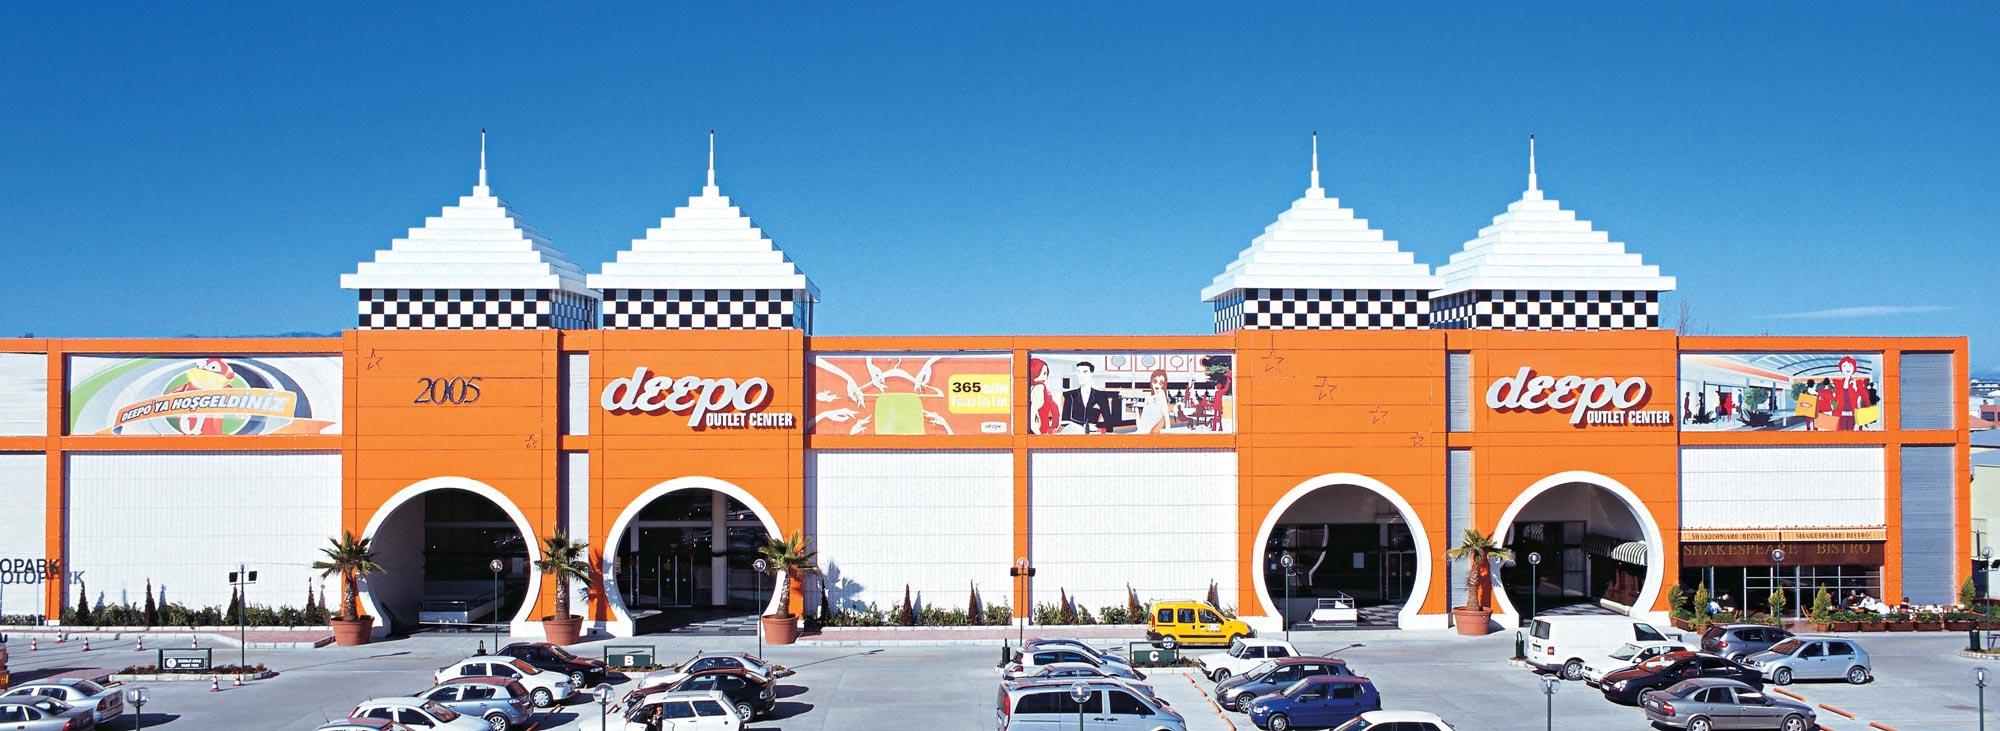 Deepo AVM - Adin-S Mall Solution